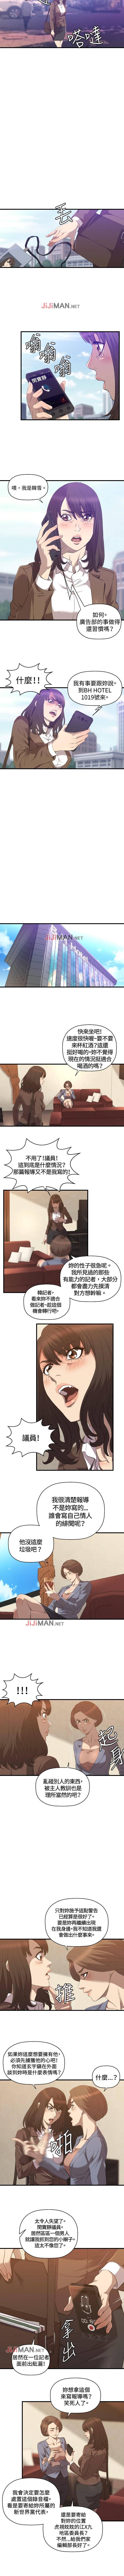 【已完结】索多玛俱乐部(作者:何藝媛&庫奈尼) 第1~32话 122